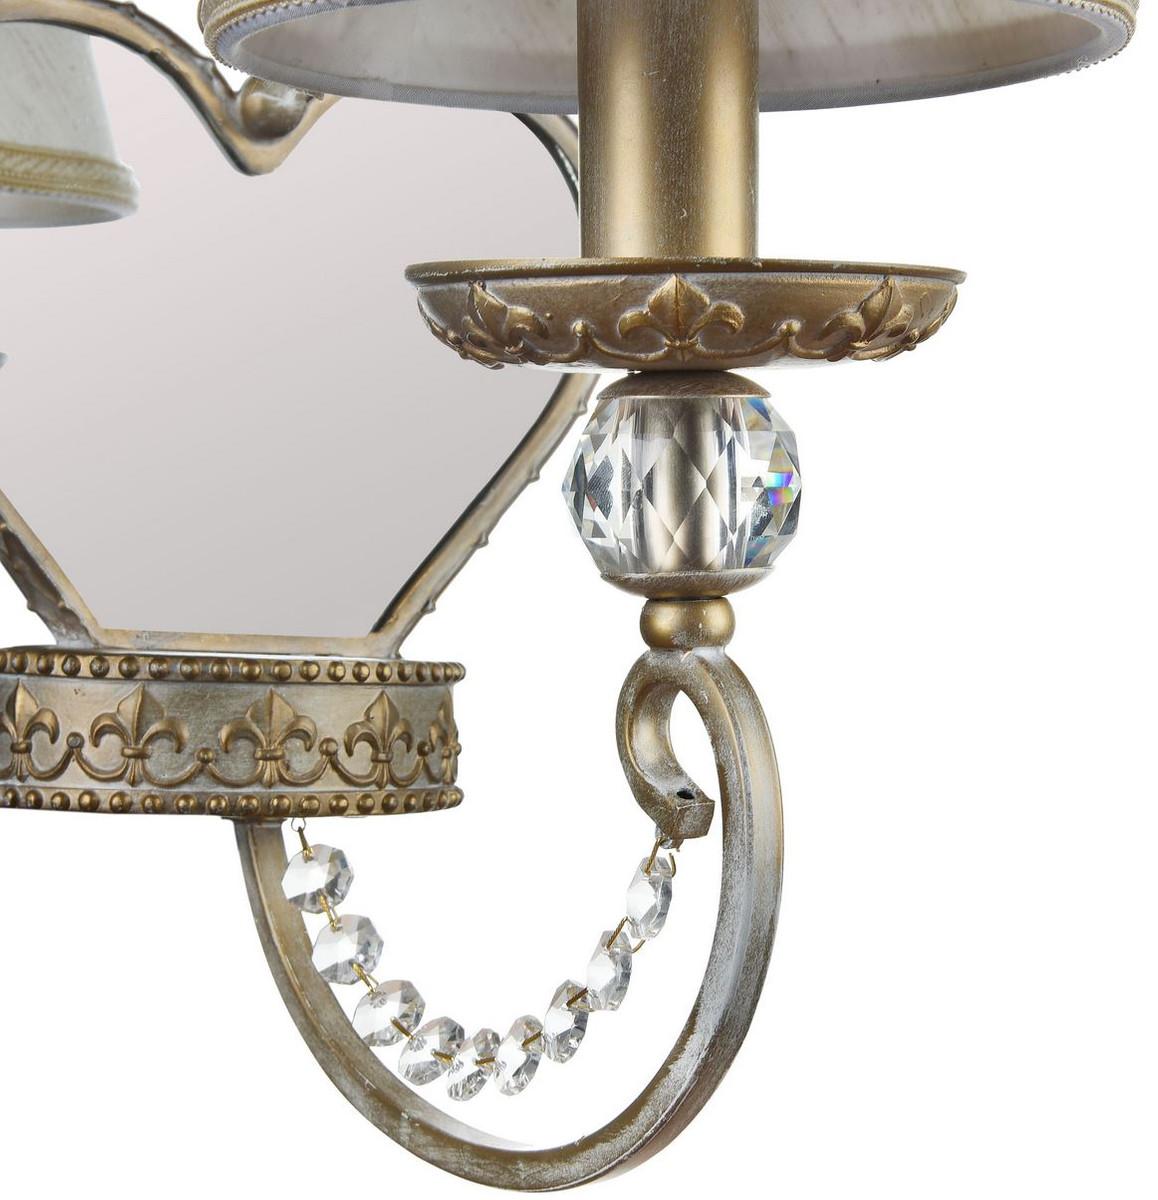 Casa Padrino Barockstil Wandleuchte mit Spiegel Creme / Gold 19 x 26 x H. 32 cm - Barockstil Möbel 4